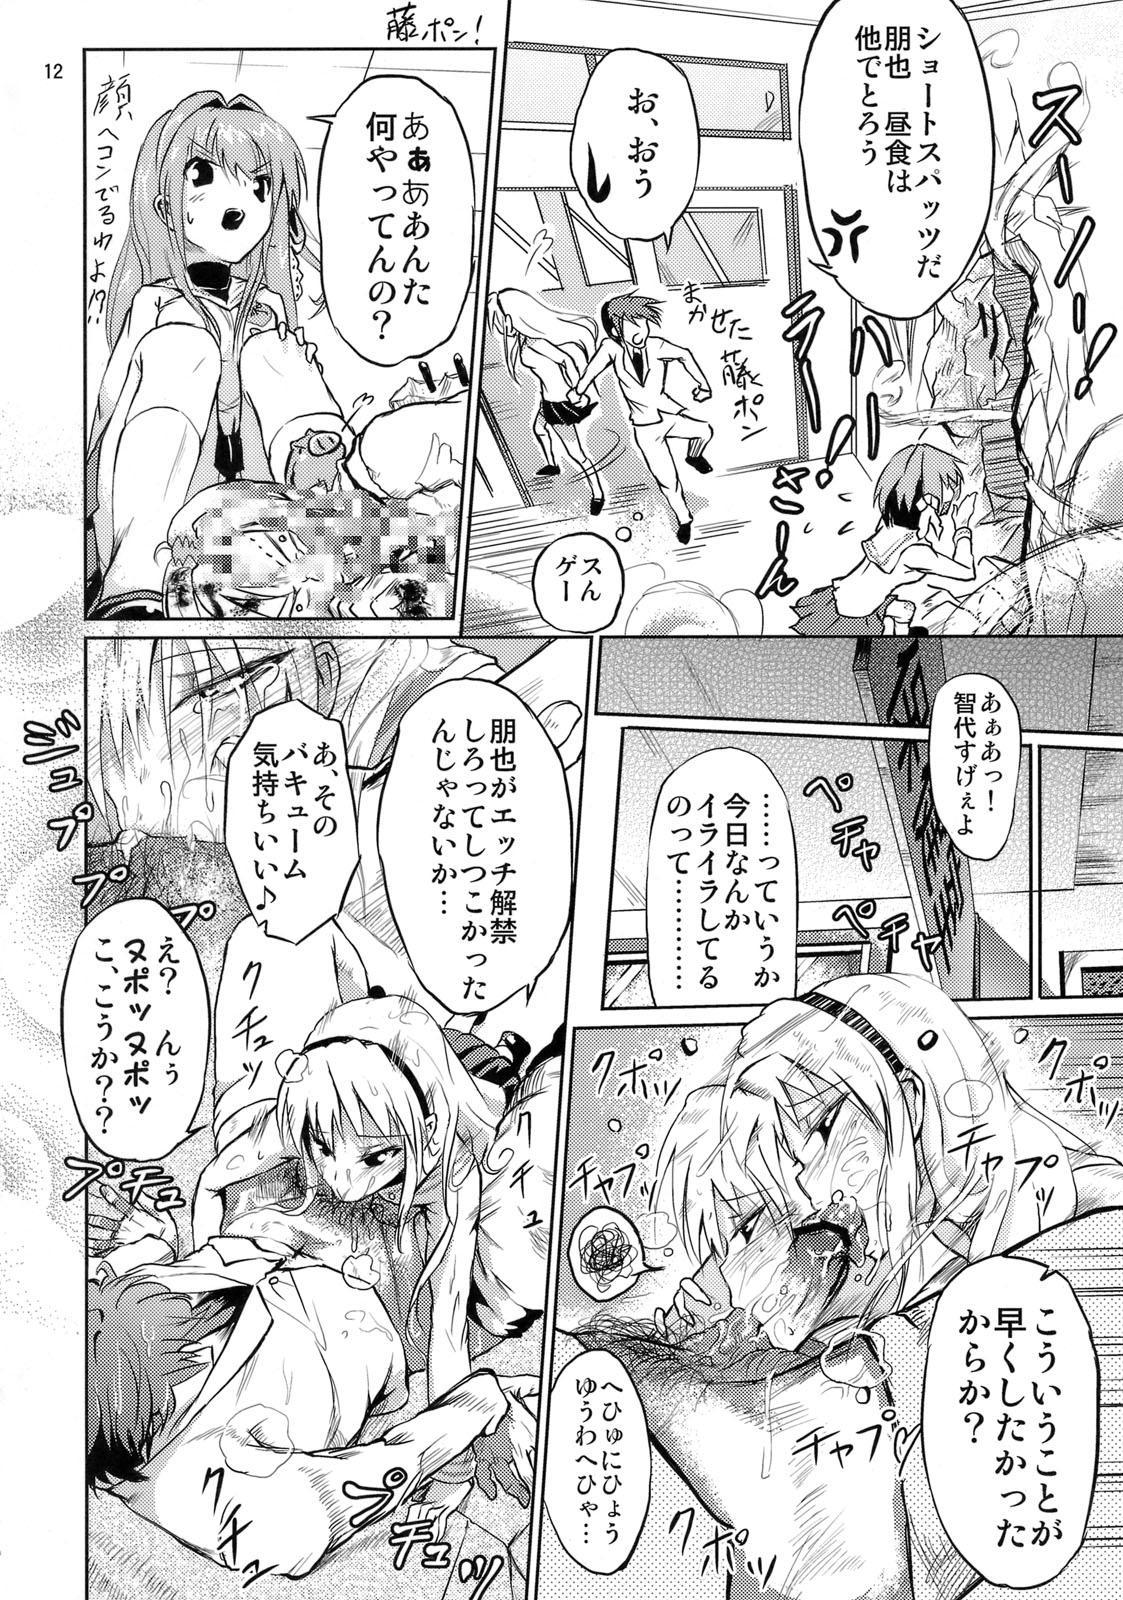 Ashi no Kirei na T-san wa Shimari ga ii 10